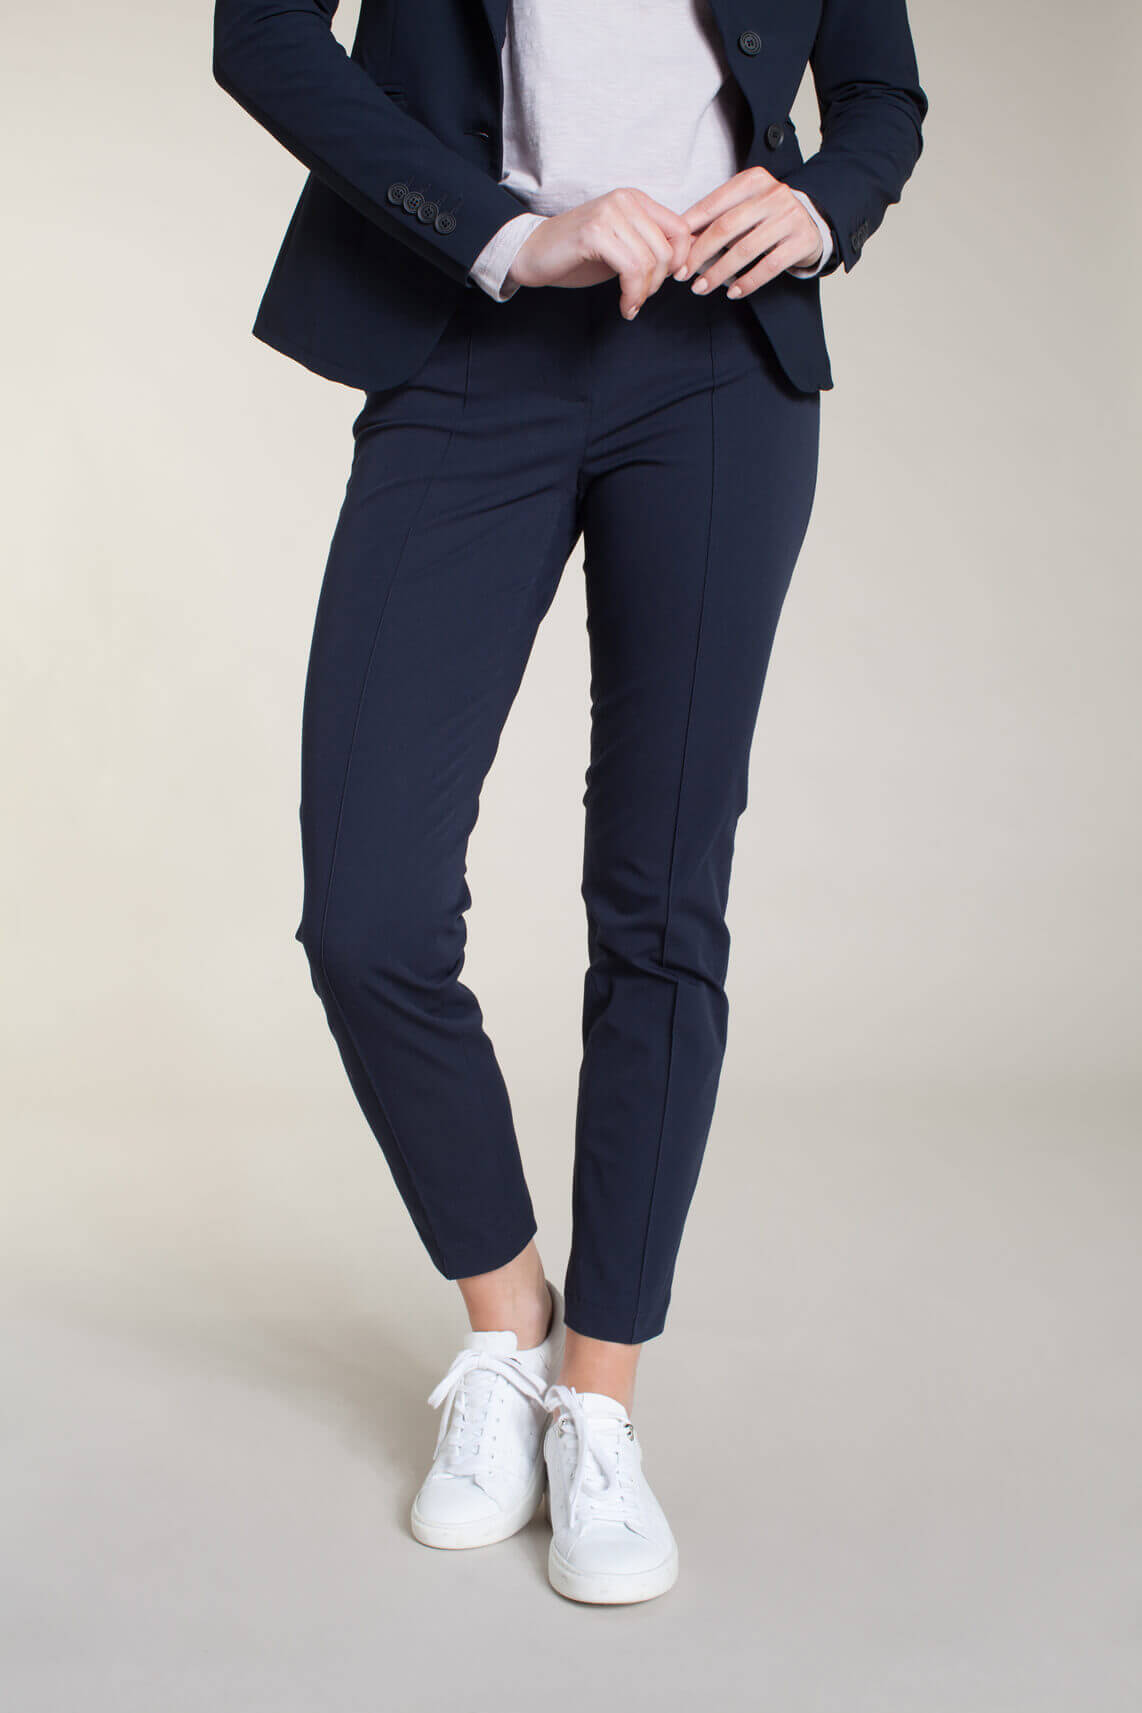 Cambio Dames Ros pantalon Blauw